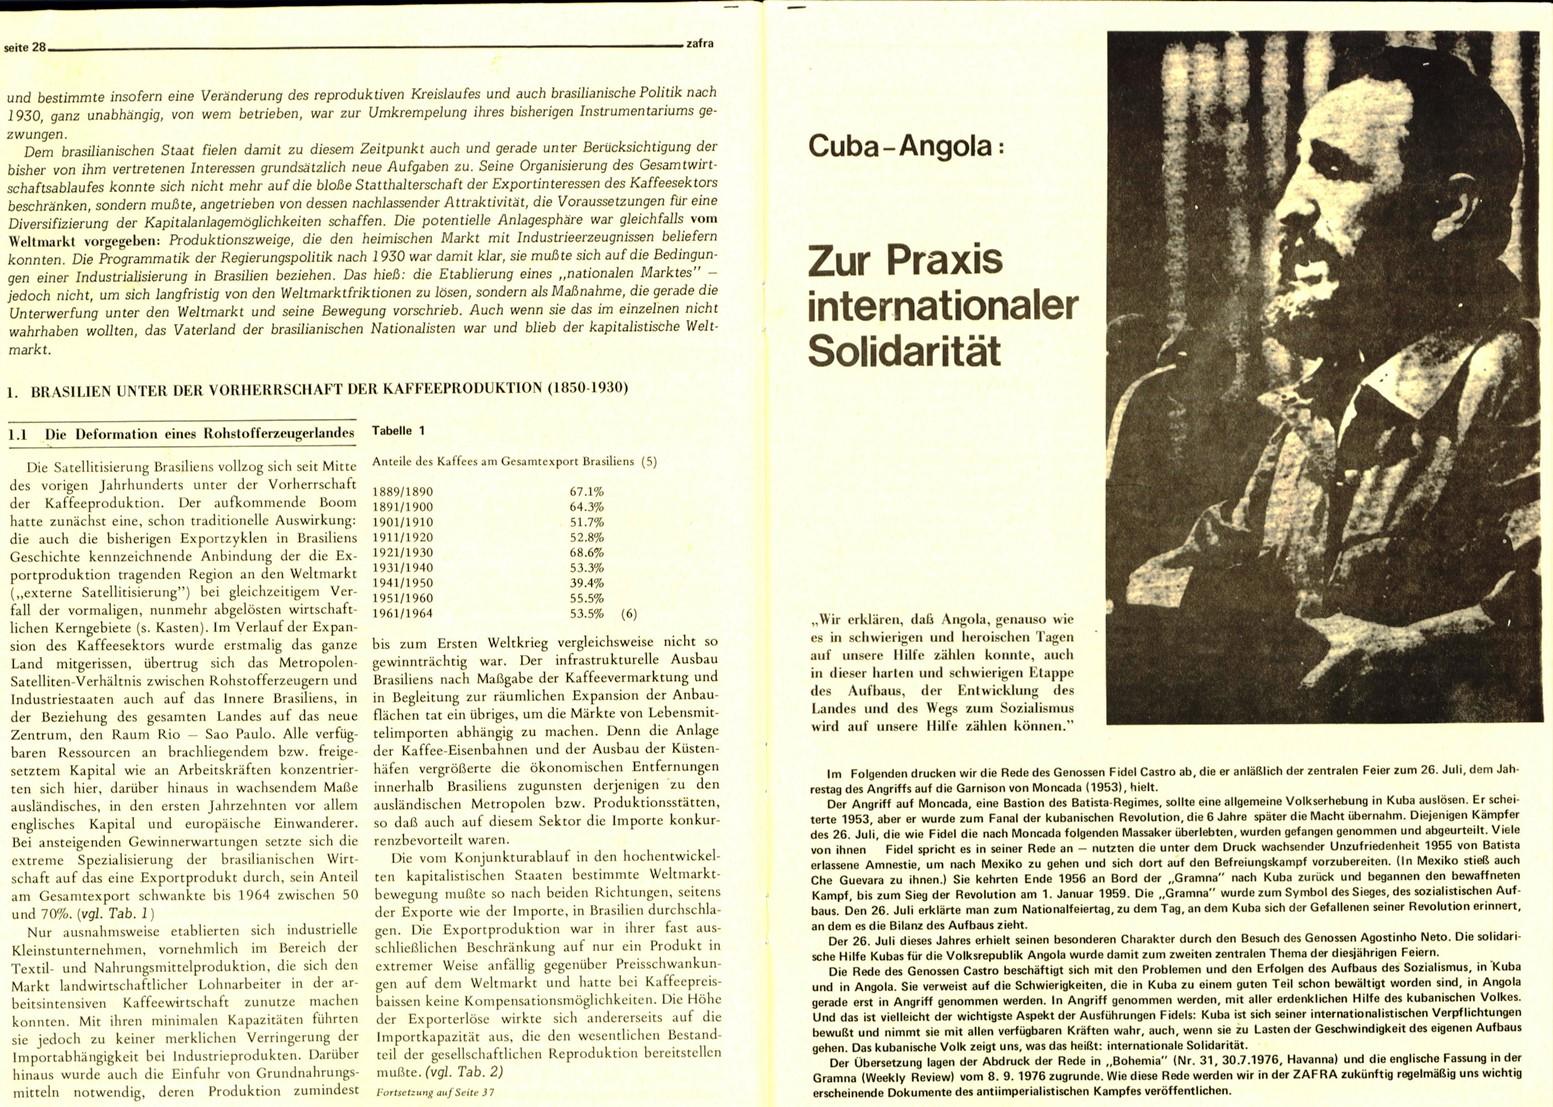 Bonn_ZAFRA_02_19761100_15